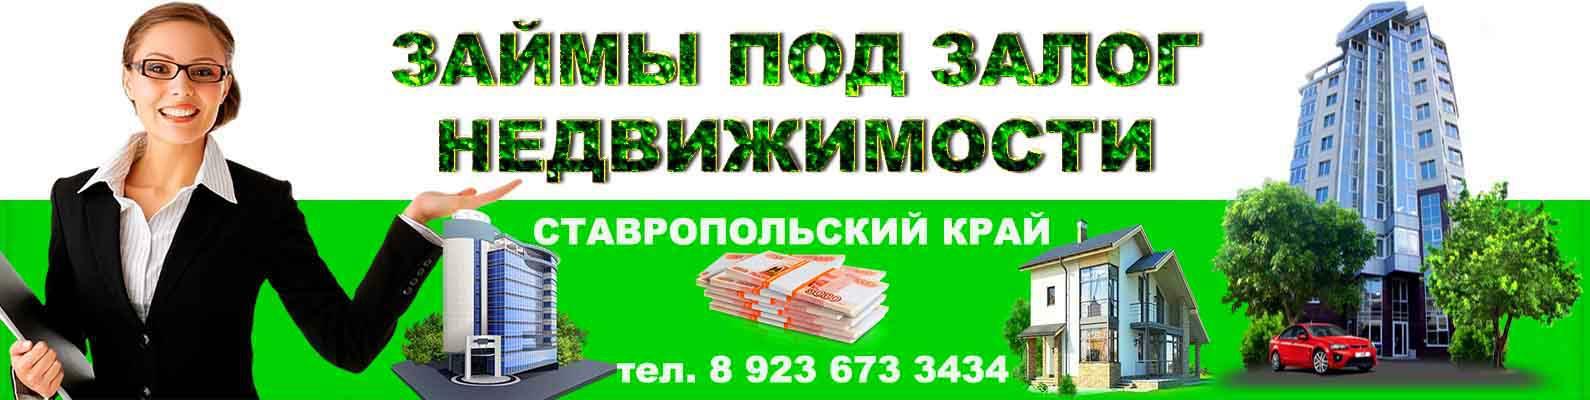 кредит под залог недвижимости в ставропольском крае от частных